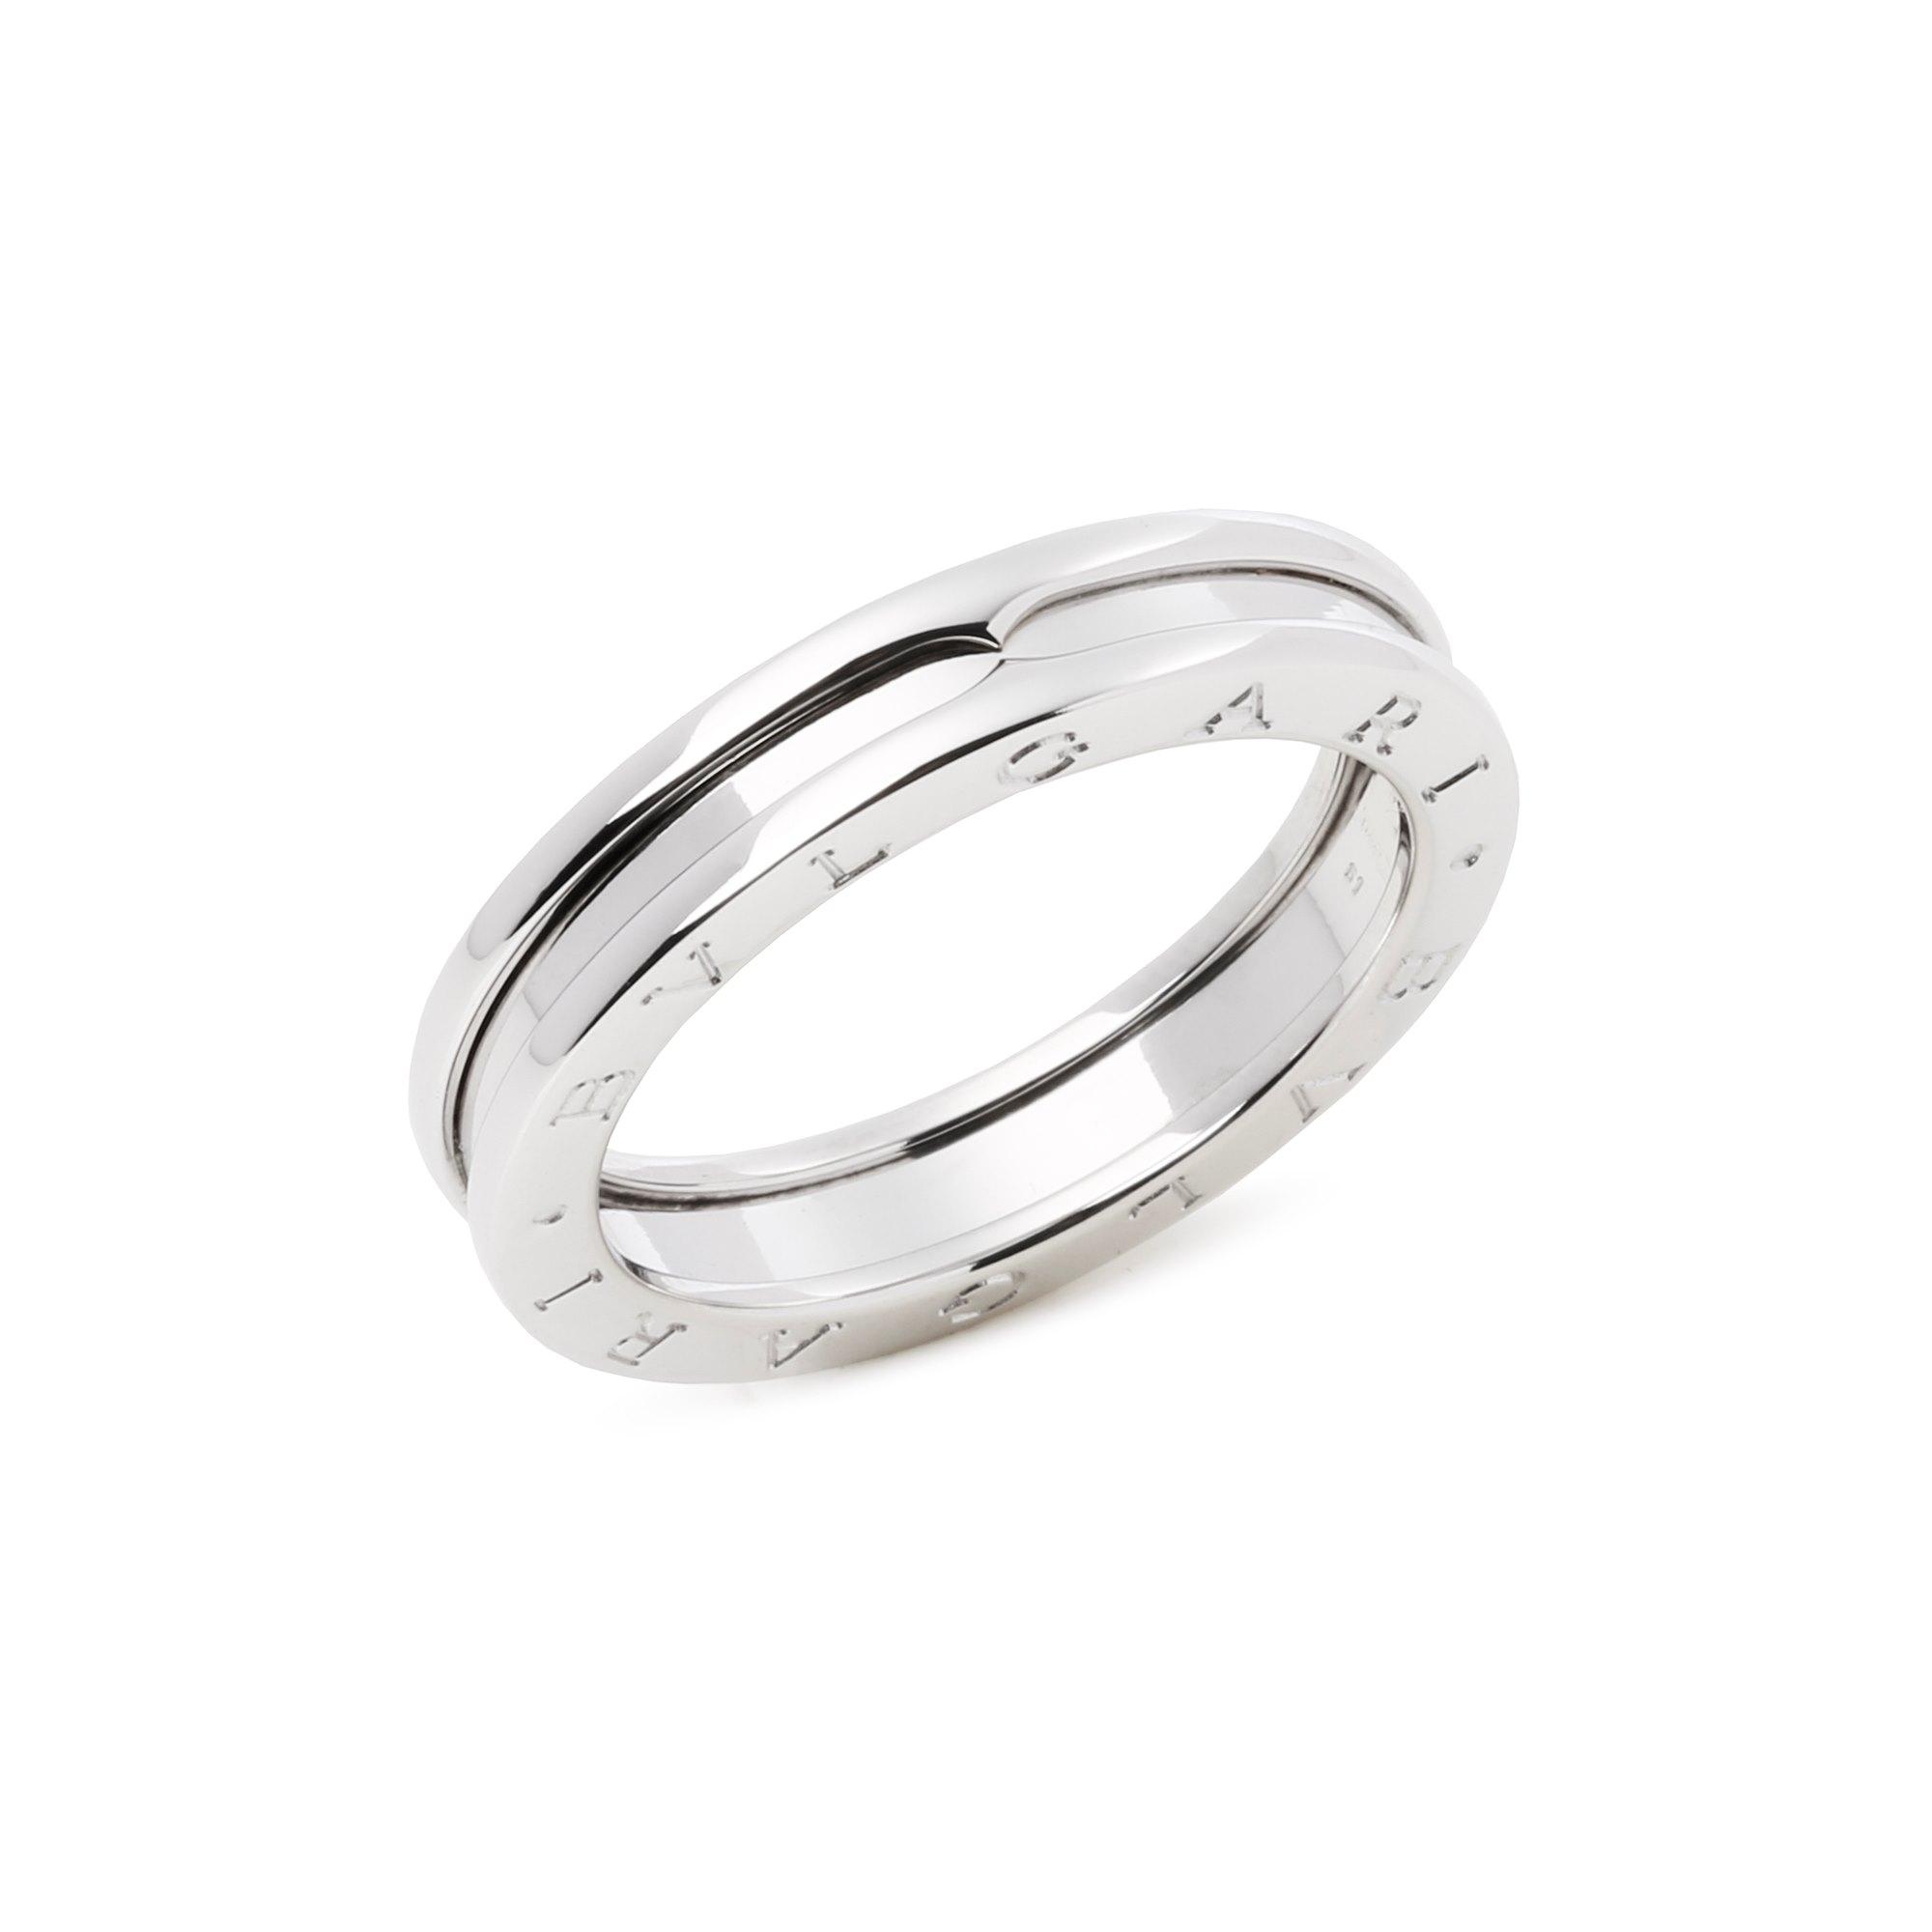 Bulgari B Zero 1 One Row Band Ring